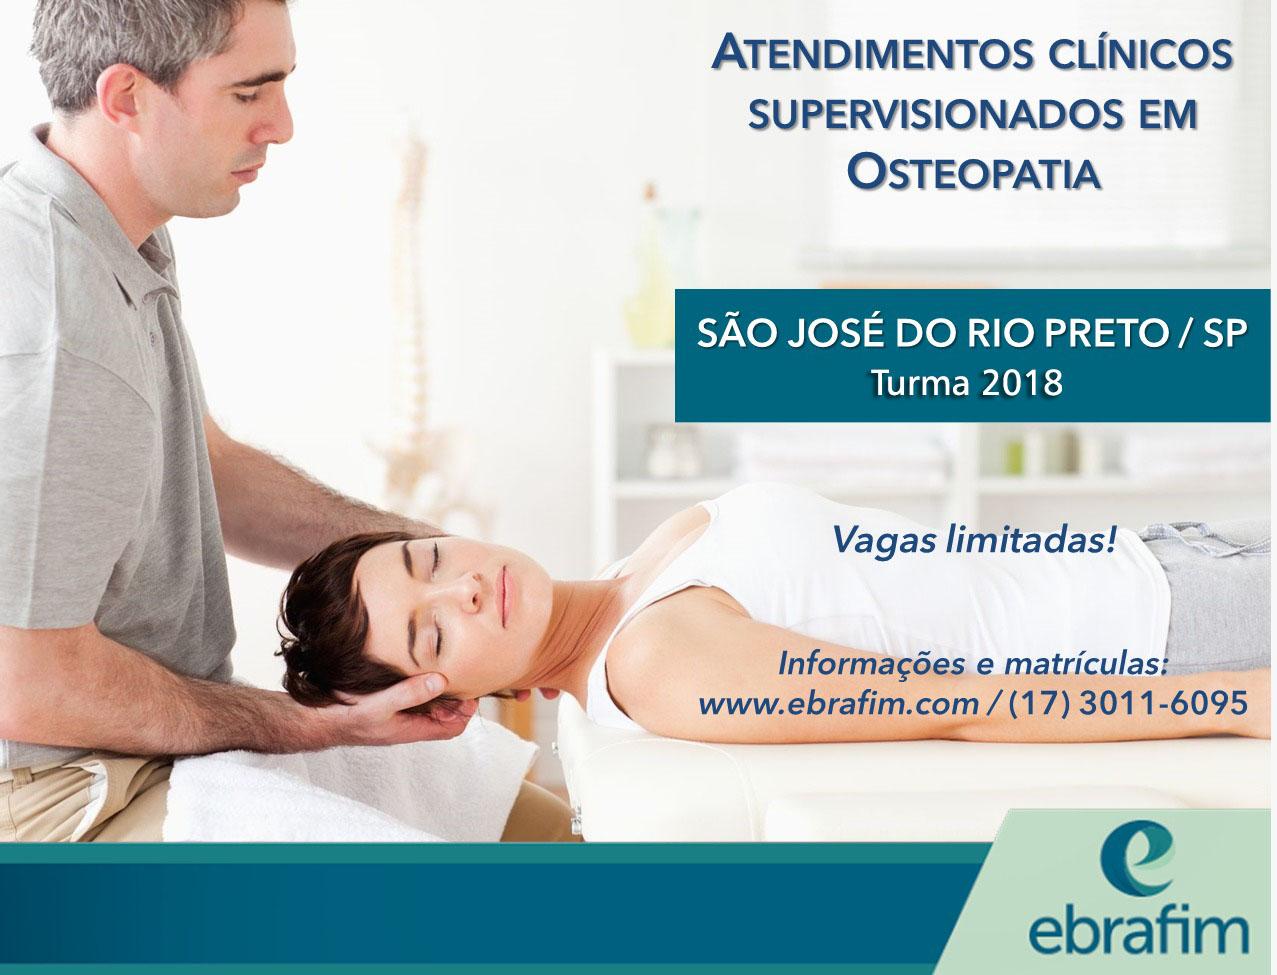 ATENDIMENTOS CLÍNICOS SUPERVISIONADOS EM OSTEOPATIA – RIO PRETO